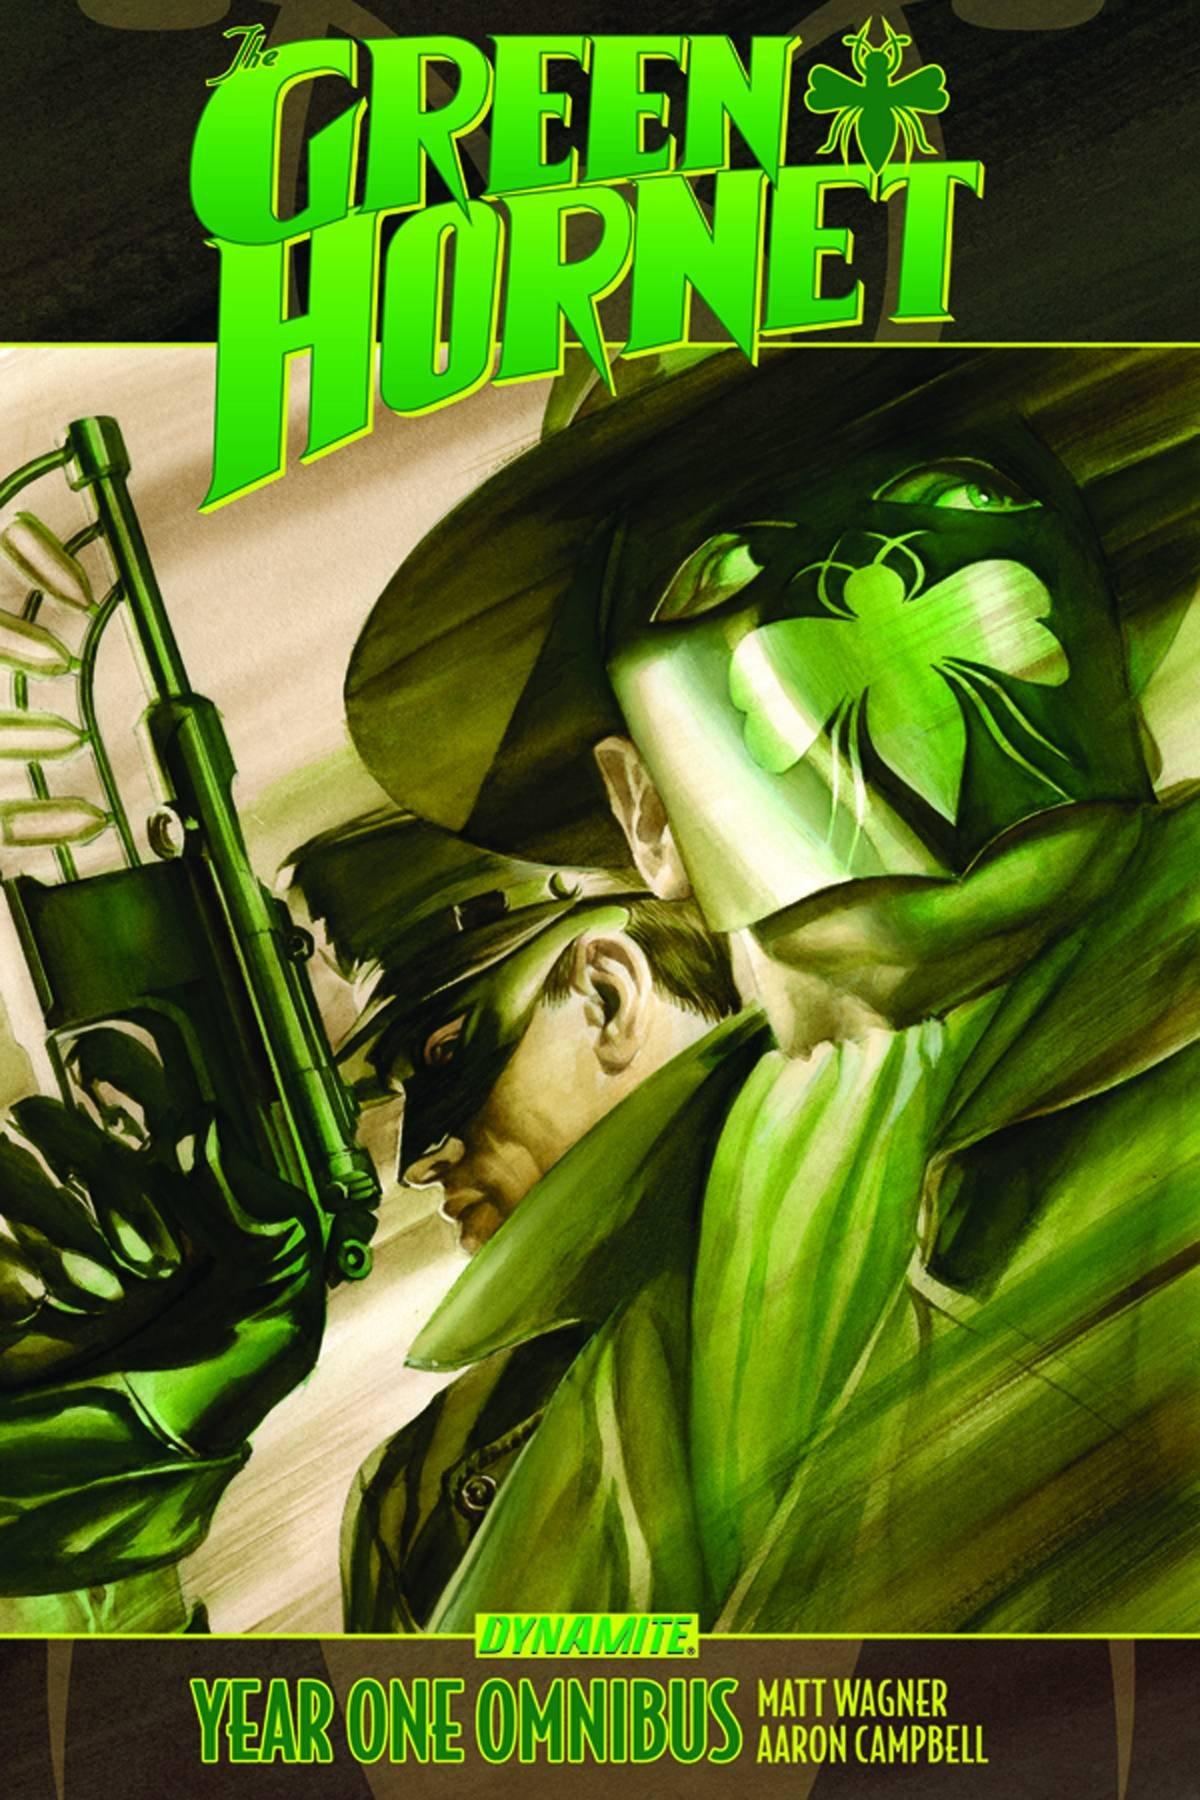 The Green Hornet 2011 Kato Origins No.8